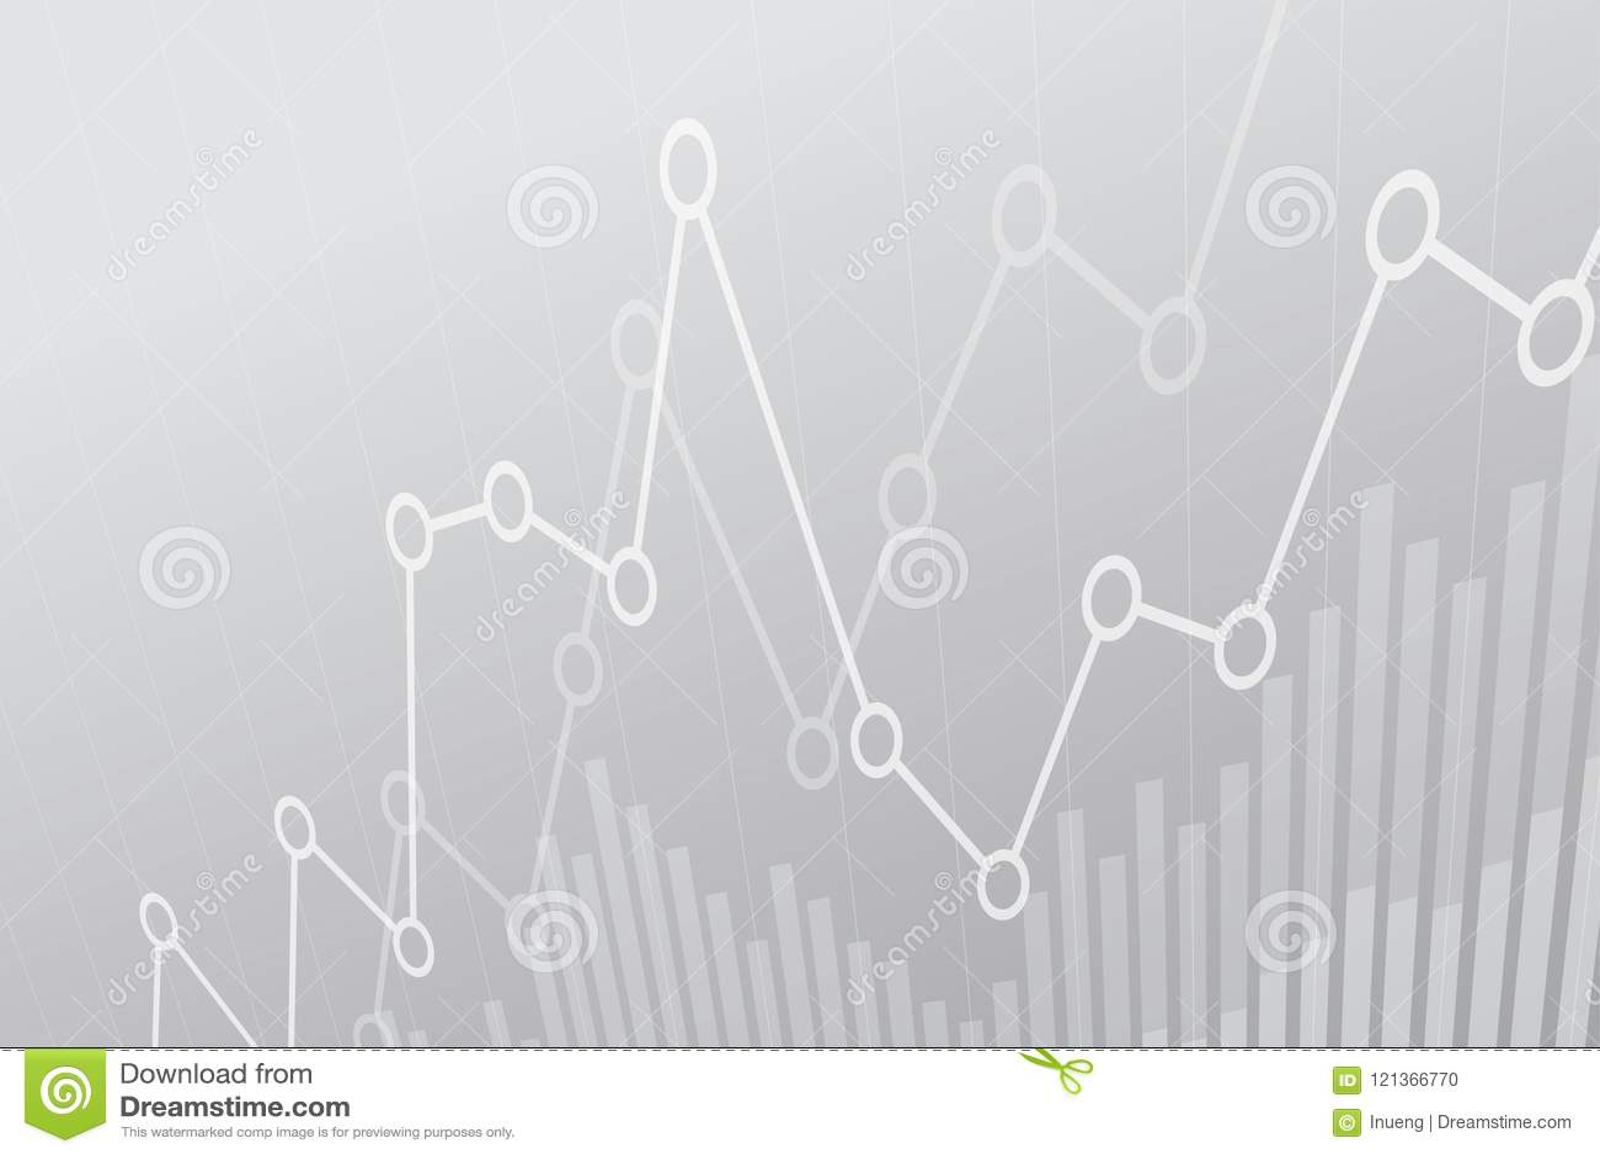 Carta financiera abstracta con la línea gráfico de la tendencia al alza en fondo gris